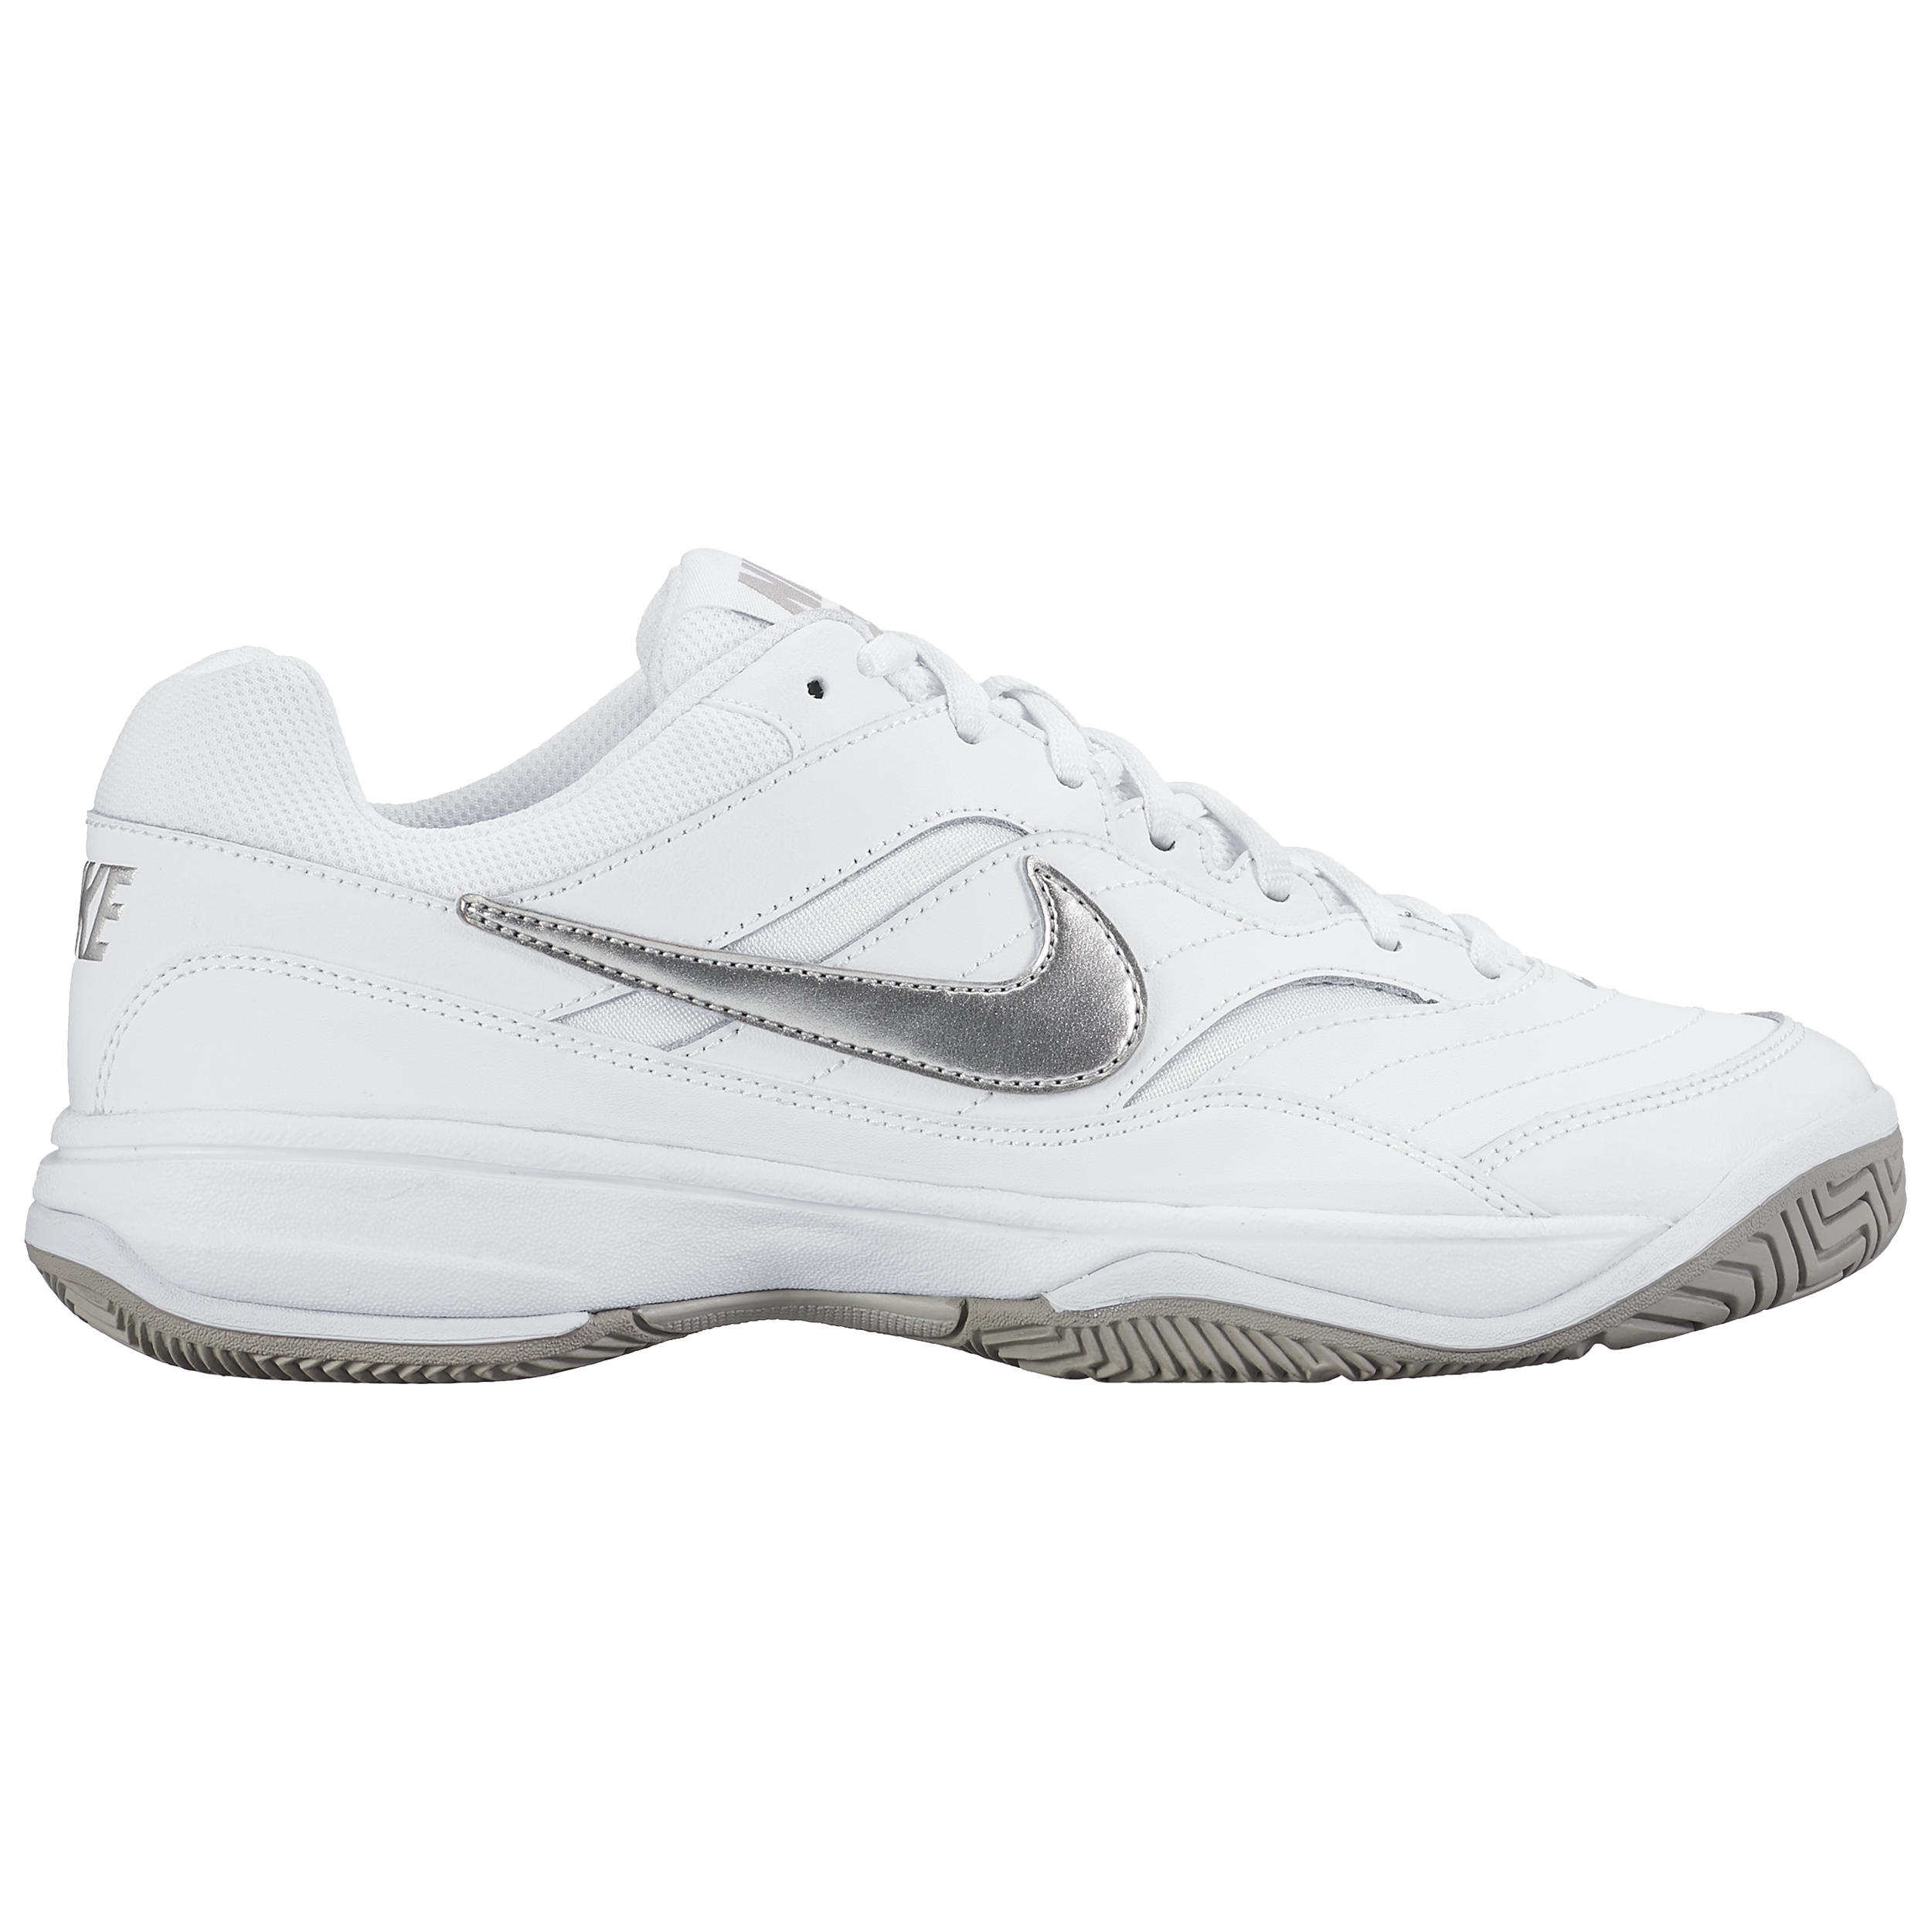 Nike Tennisschoenen voor dames Court Lite wit/grijs